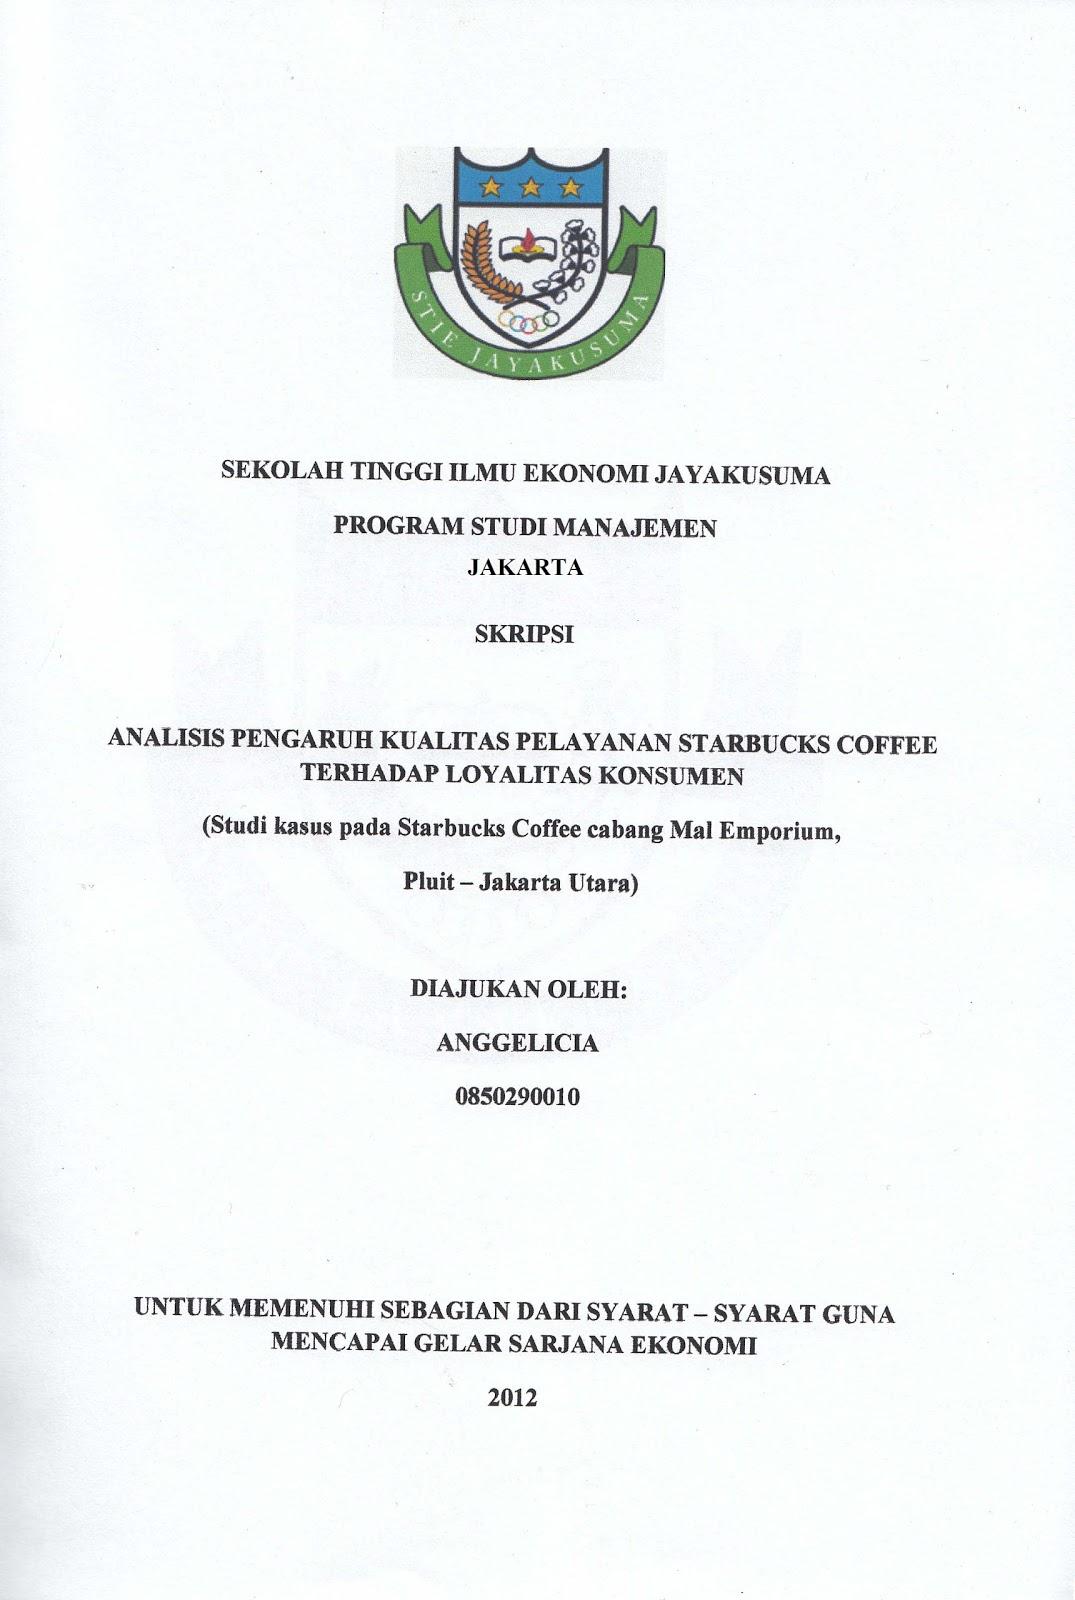 Contoh Cover Proposal Skripsi Pendidikan - Fontoh